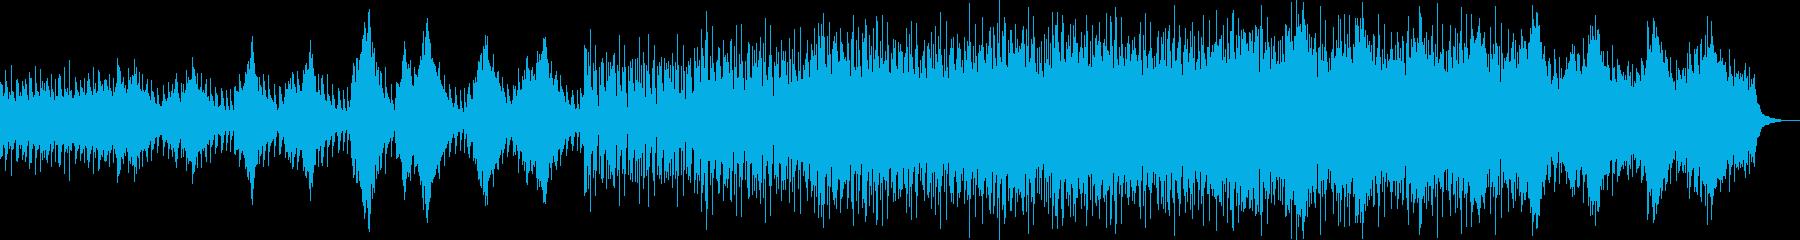 ニューエイジ研究所催眠精神的な瞑想...の再生済みの波形